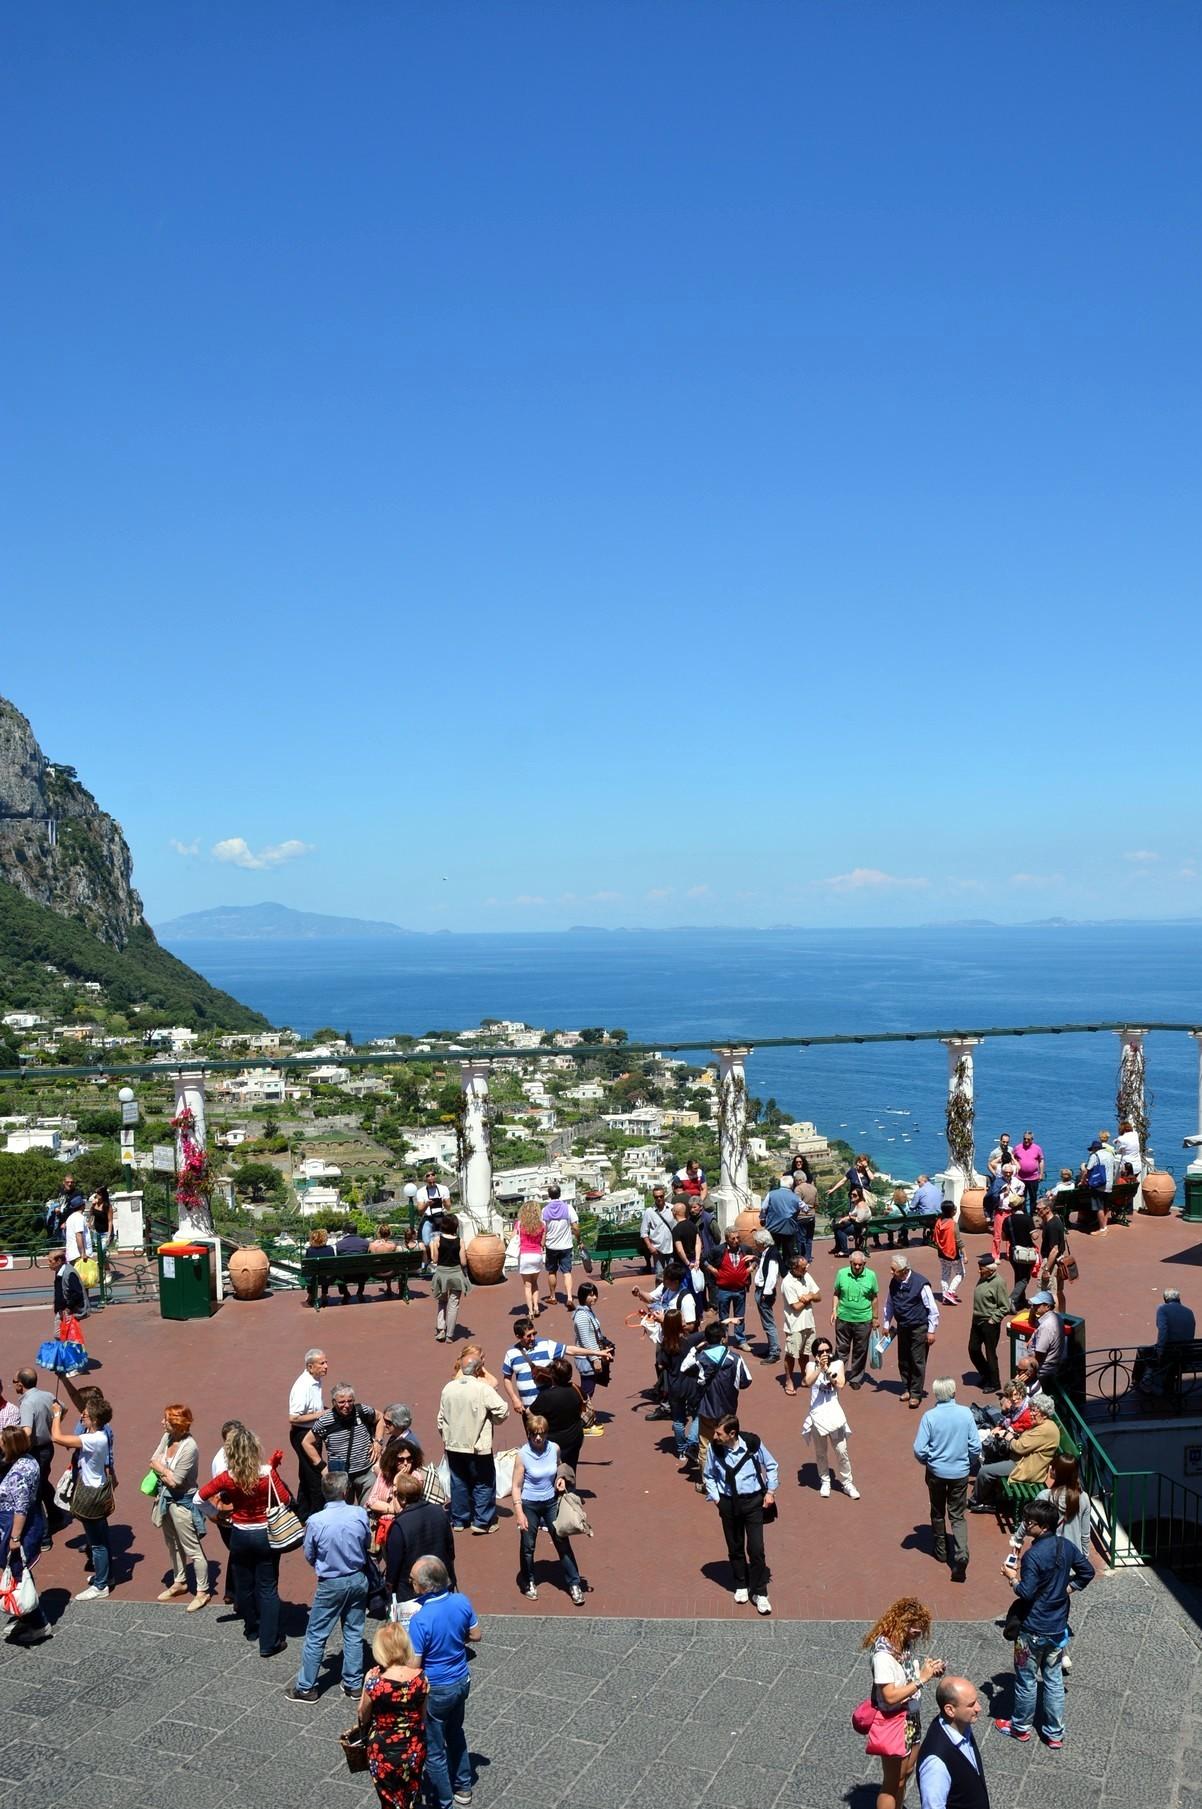 The living world of Capri